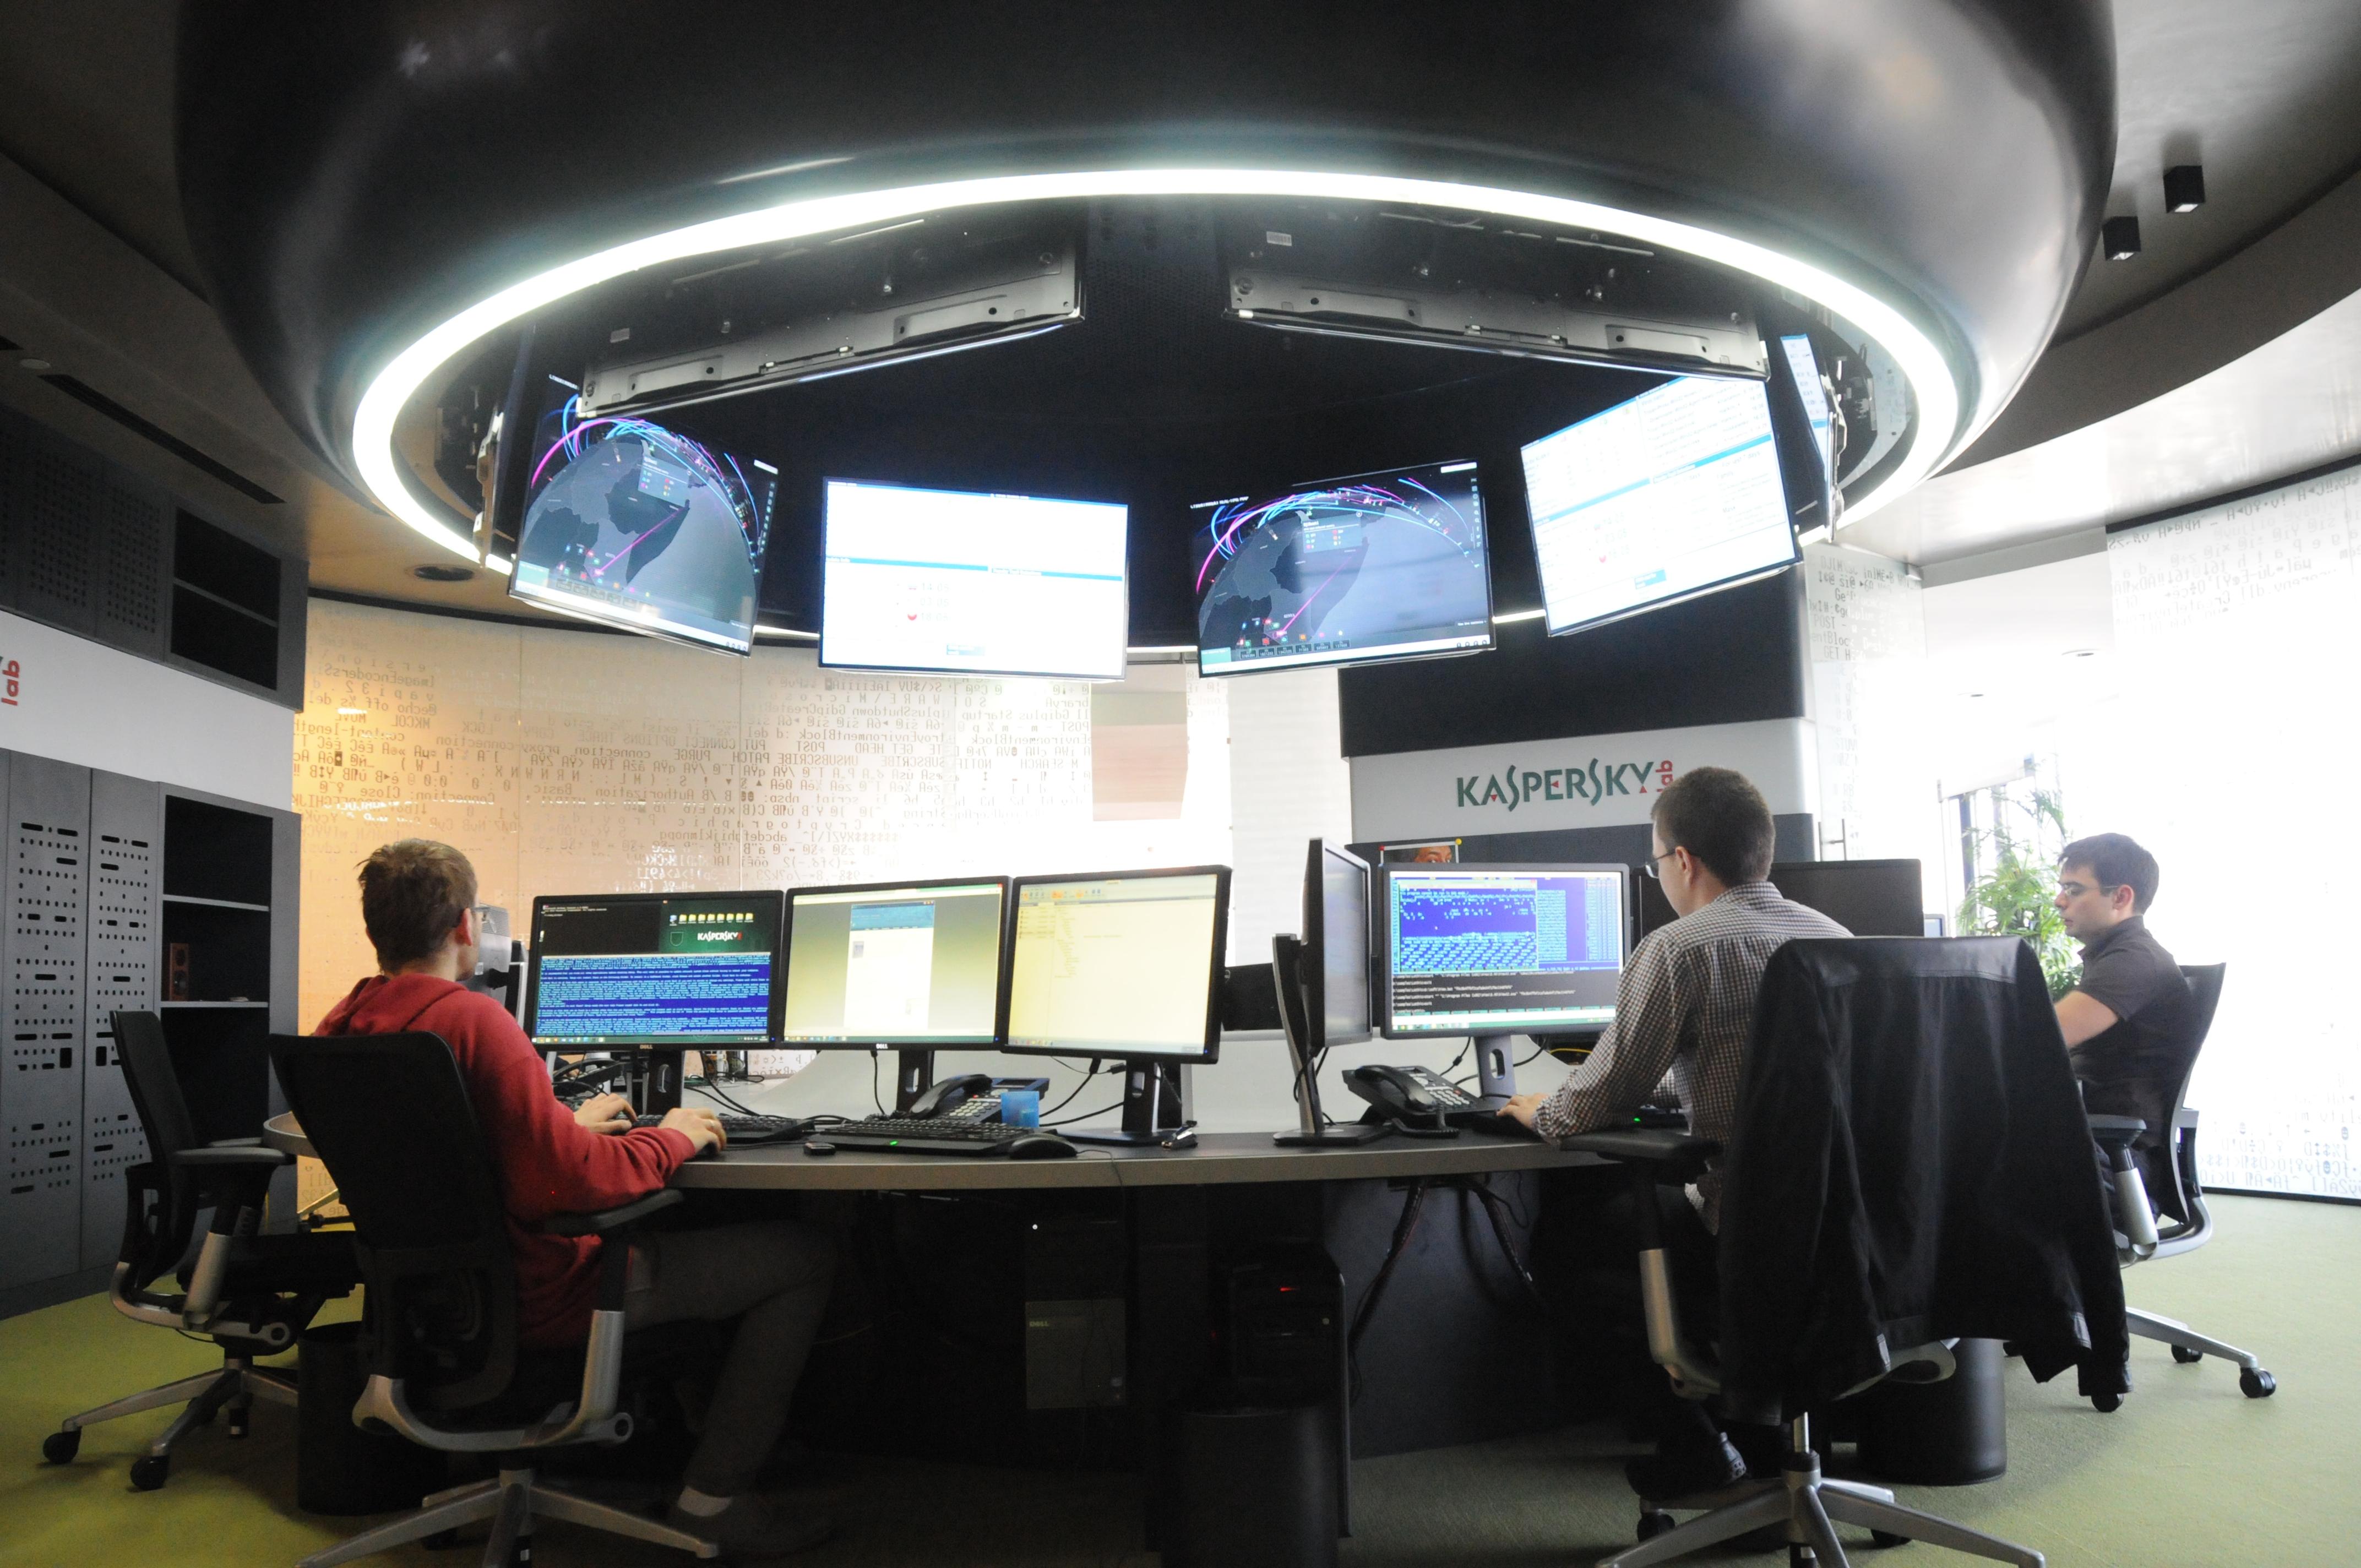 بدافزار جاسوسی سایبری از دیپلماتها کشف شد